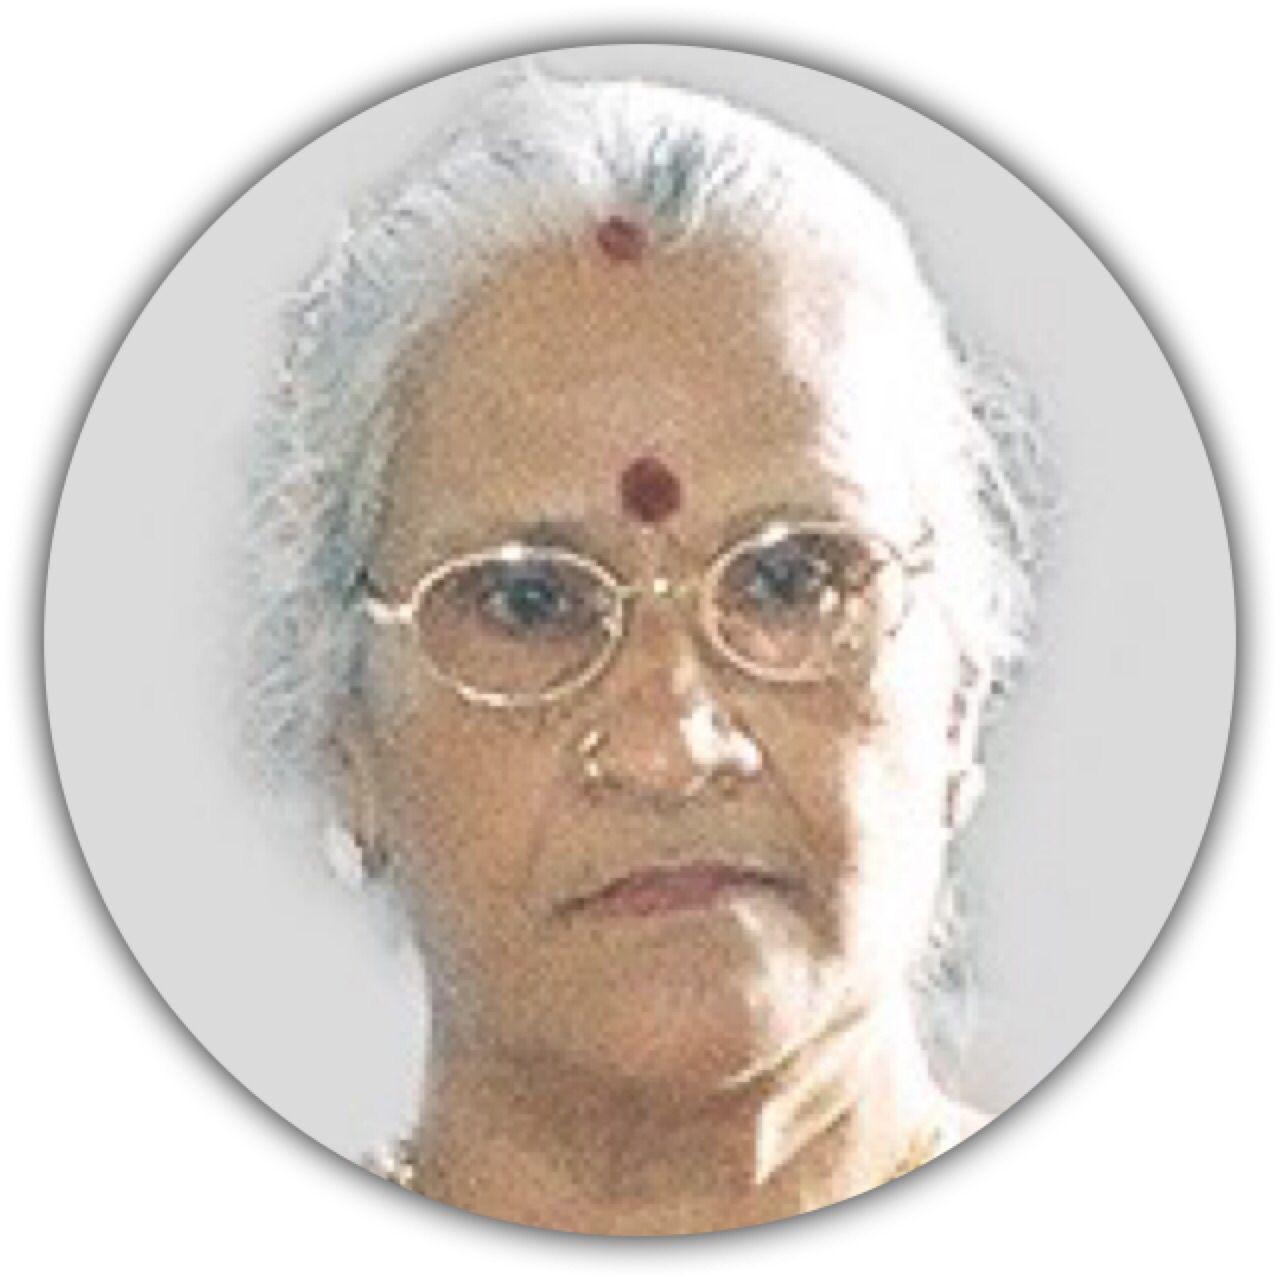 திருமதி. றெஜினா பிலோமினா தனசிங்கம்